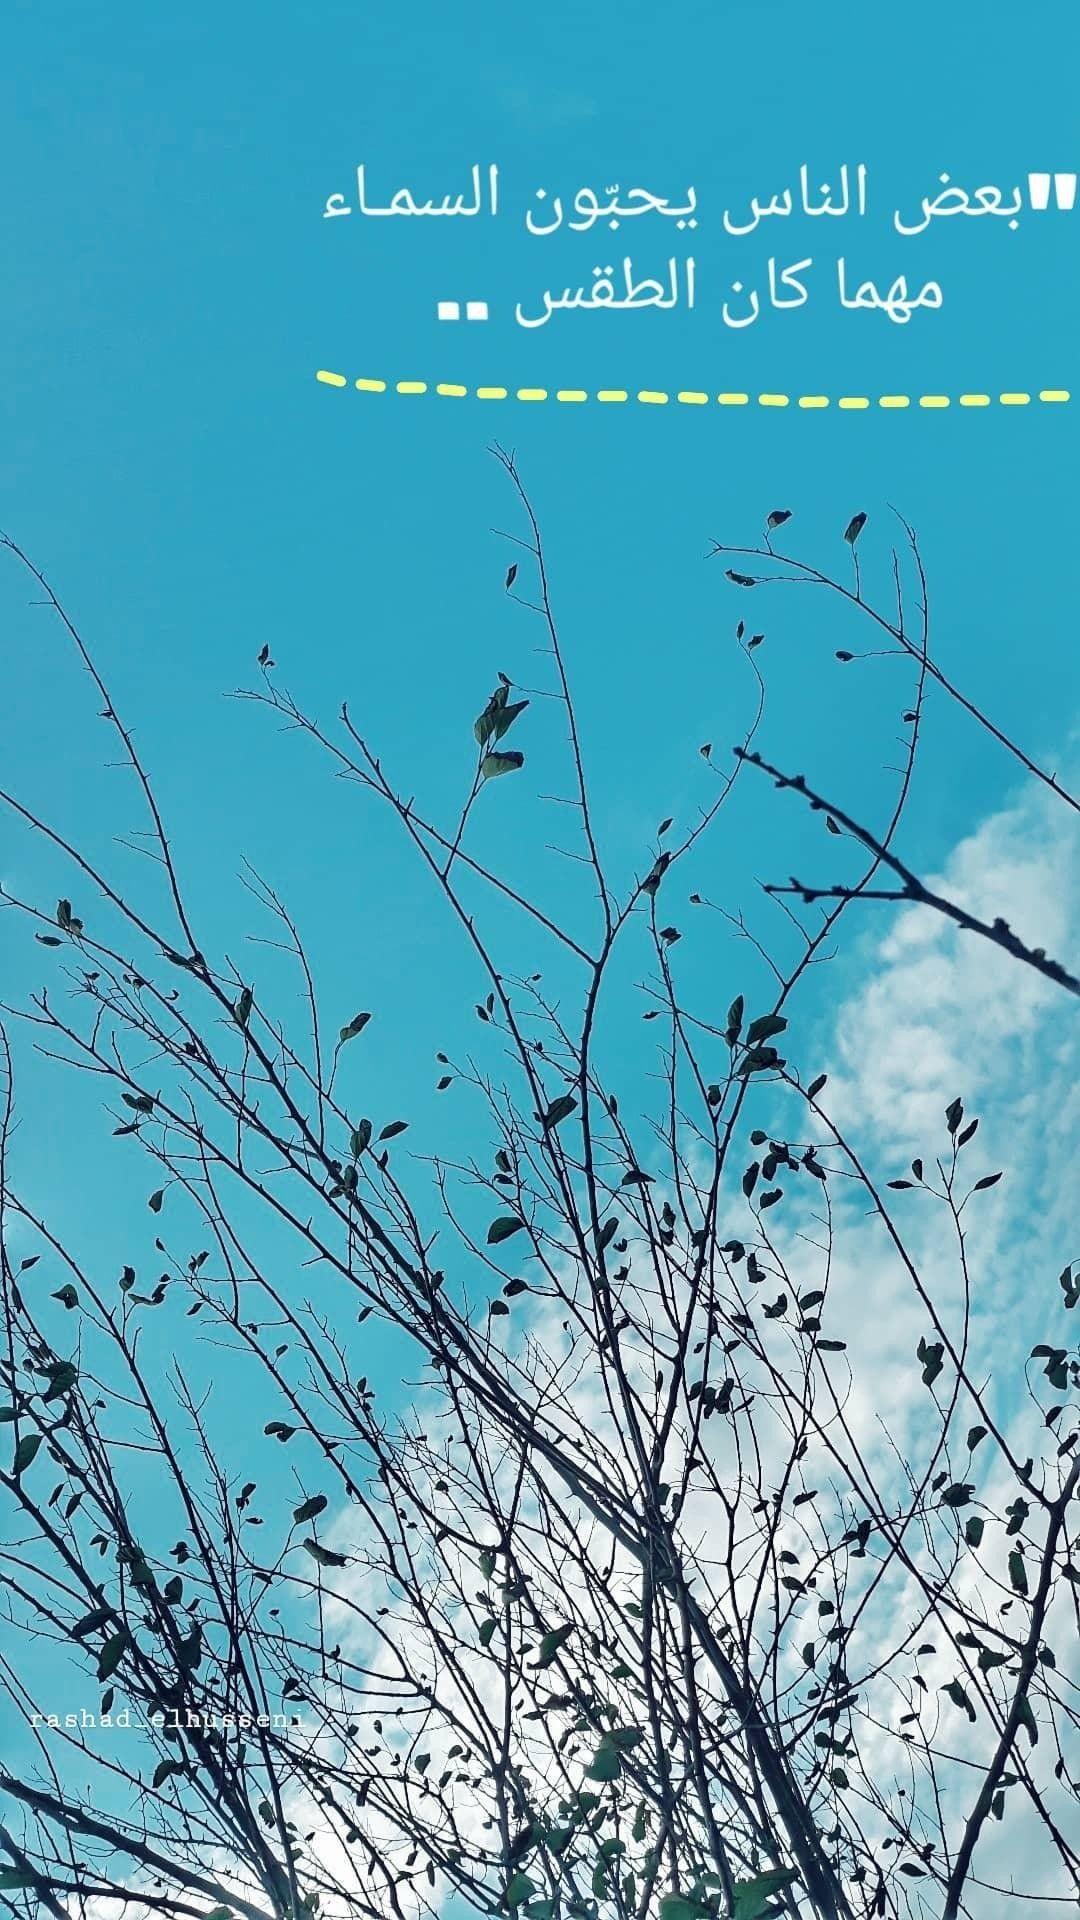 السباحة انقاذ رياضة حمامات سباحة مسبح الصيف البحر نشاط السباحة البحري مسابح سياحة صور العاب م Instagram Photo Instagram Photo